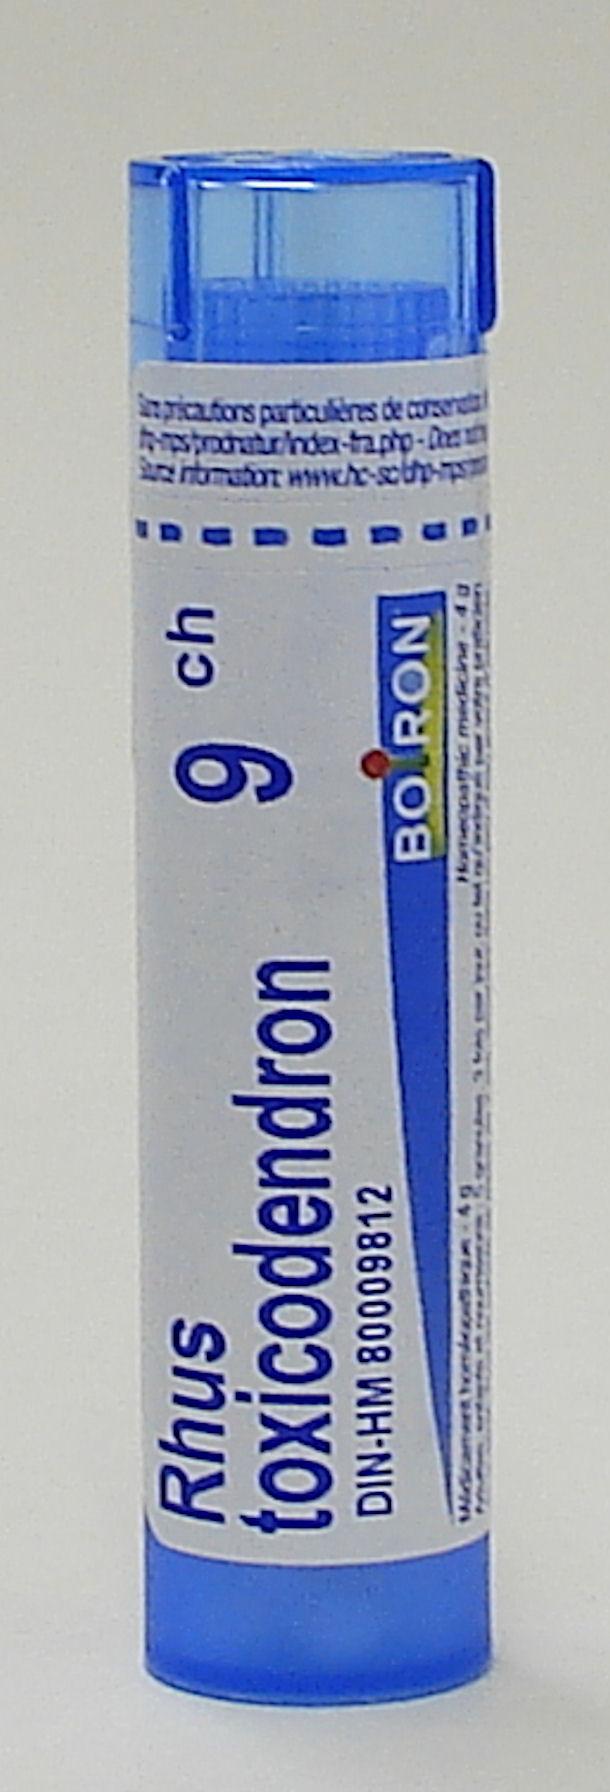 Rhus Toxicodendron, 9ch (Boiron)